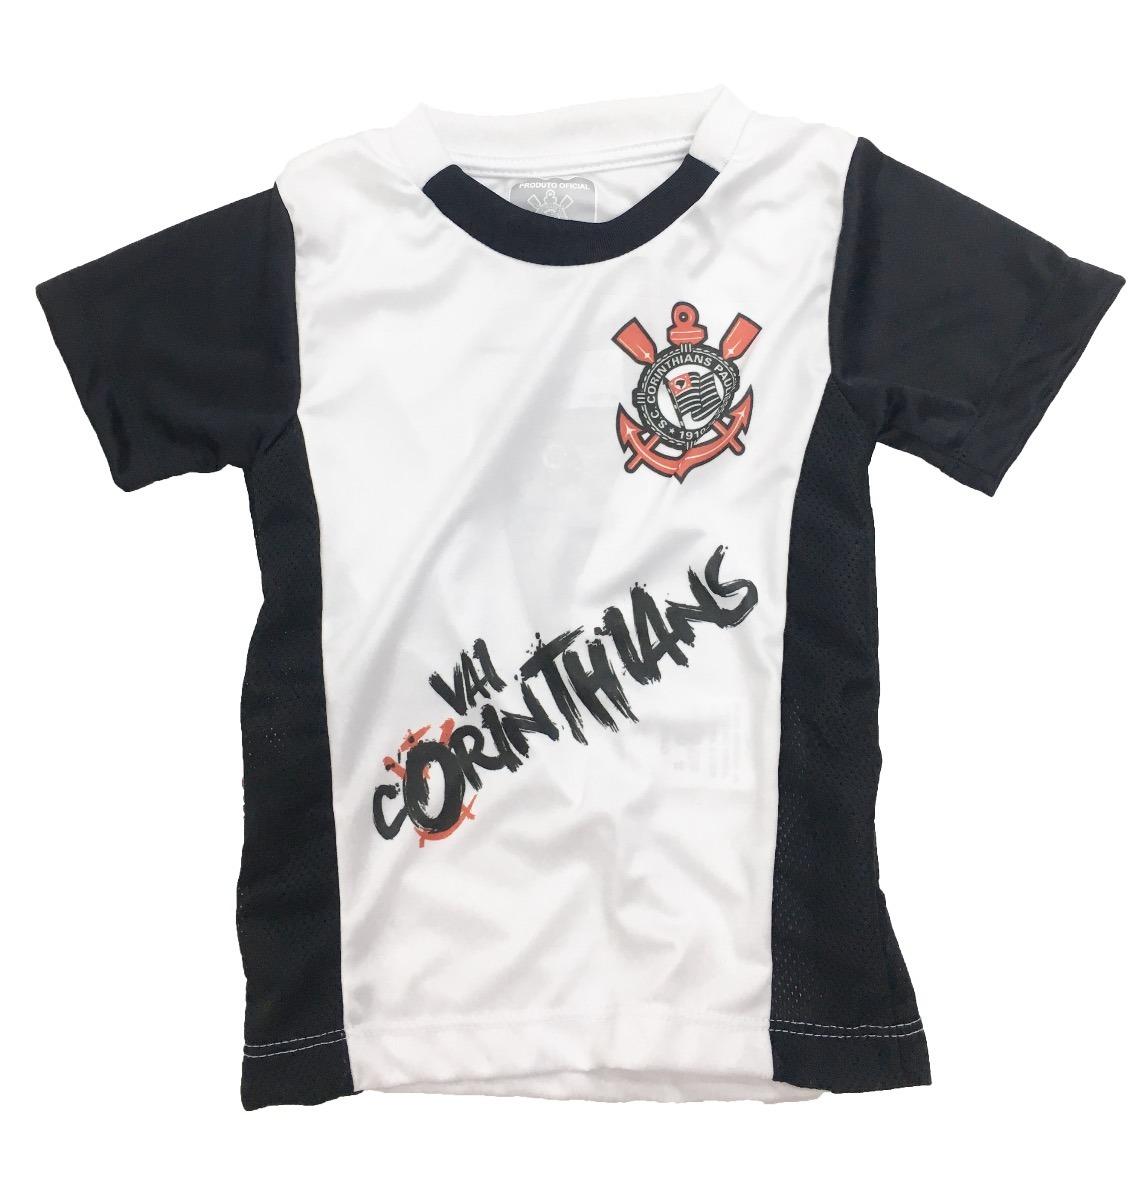 907f4c085e camisa corinthians infantil reve dor licenciada - cr0223. Carregando zoom.